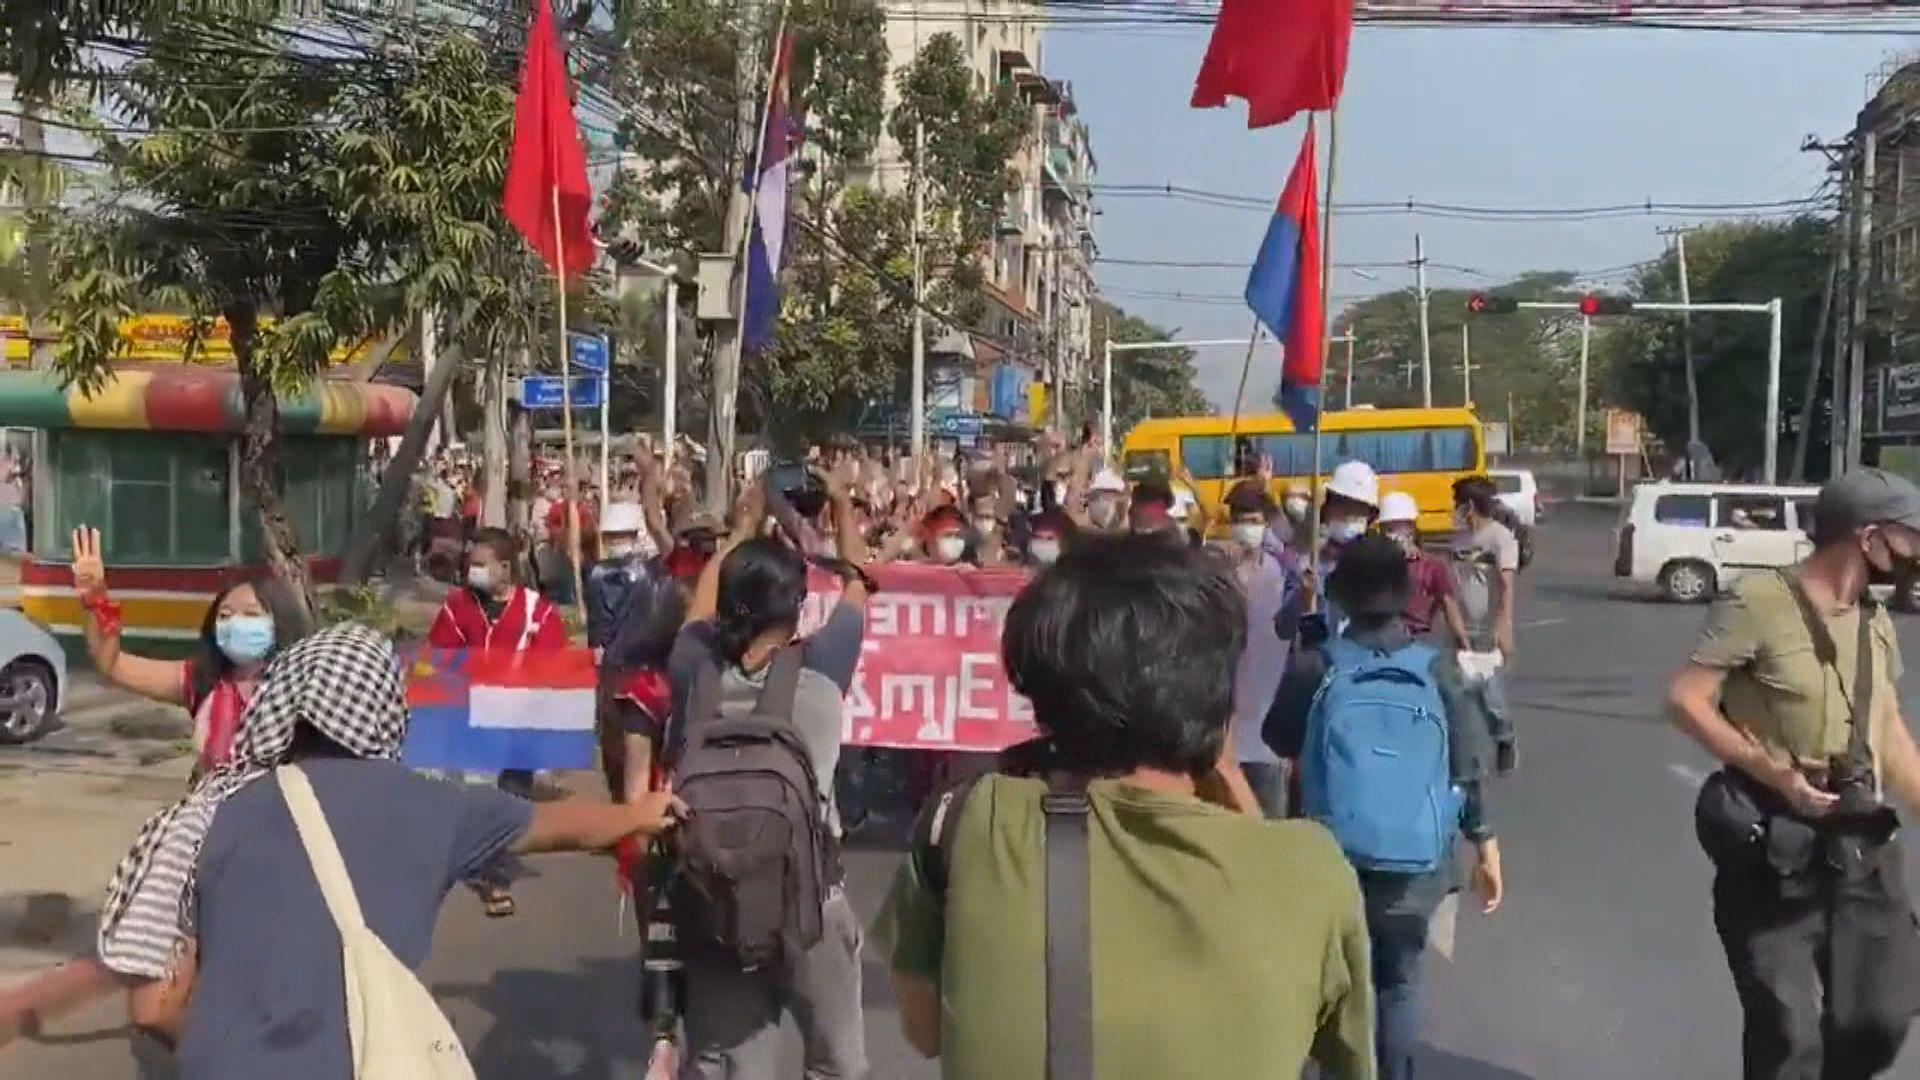 監察組織:緬甸互聯網流量大減 料正實施全國封網